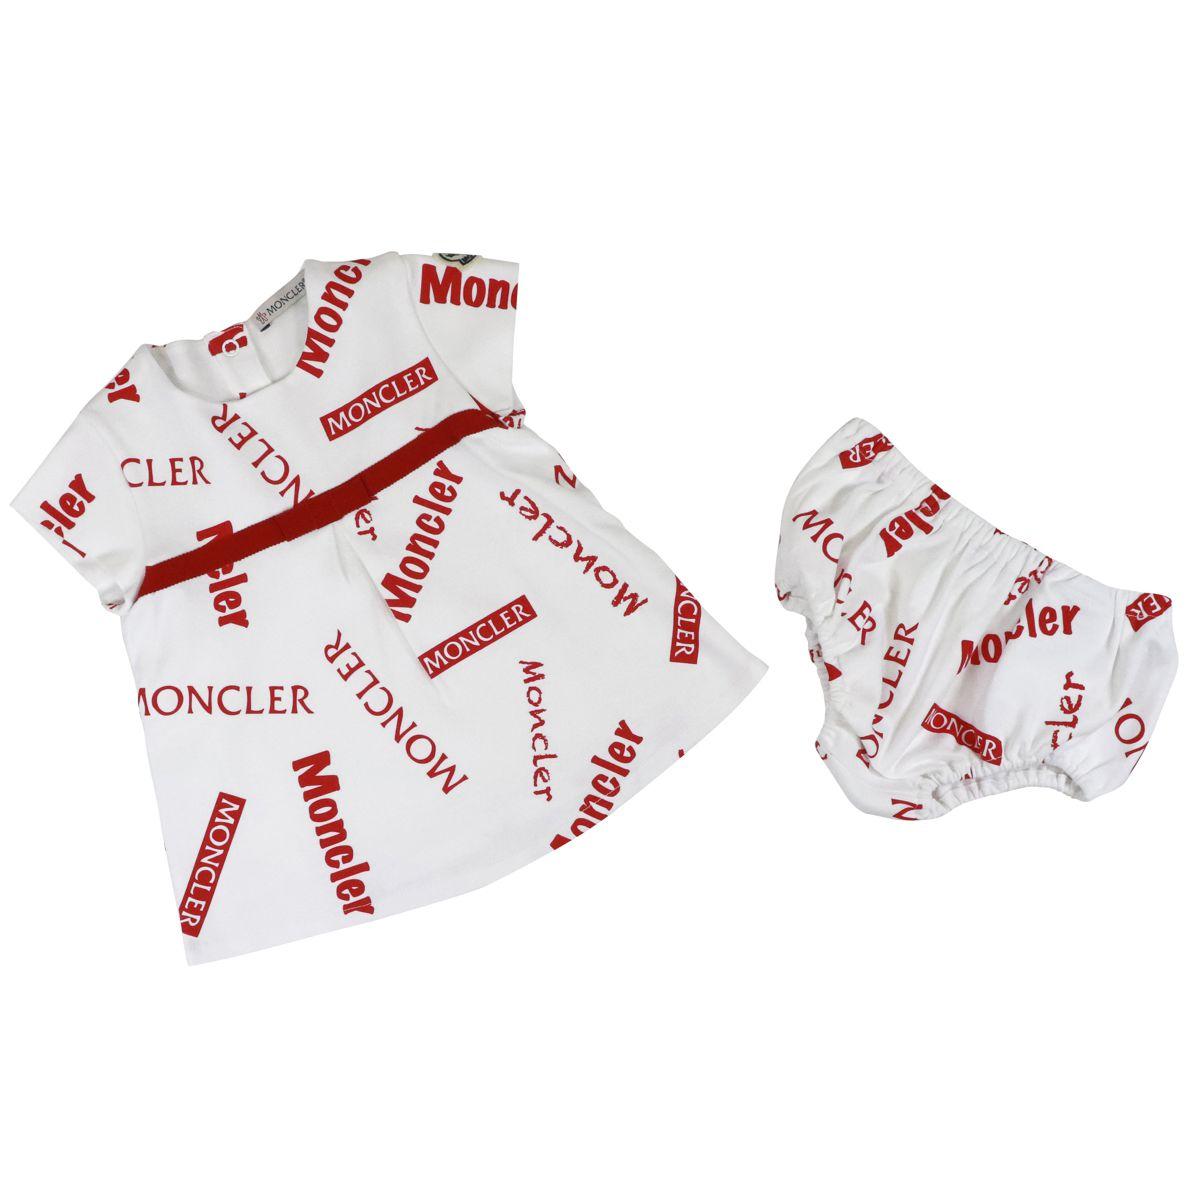 1. Robe courte Moncler avec couvre-couche en coton imprimé logo Blanc rouge Moncler